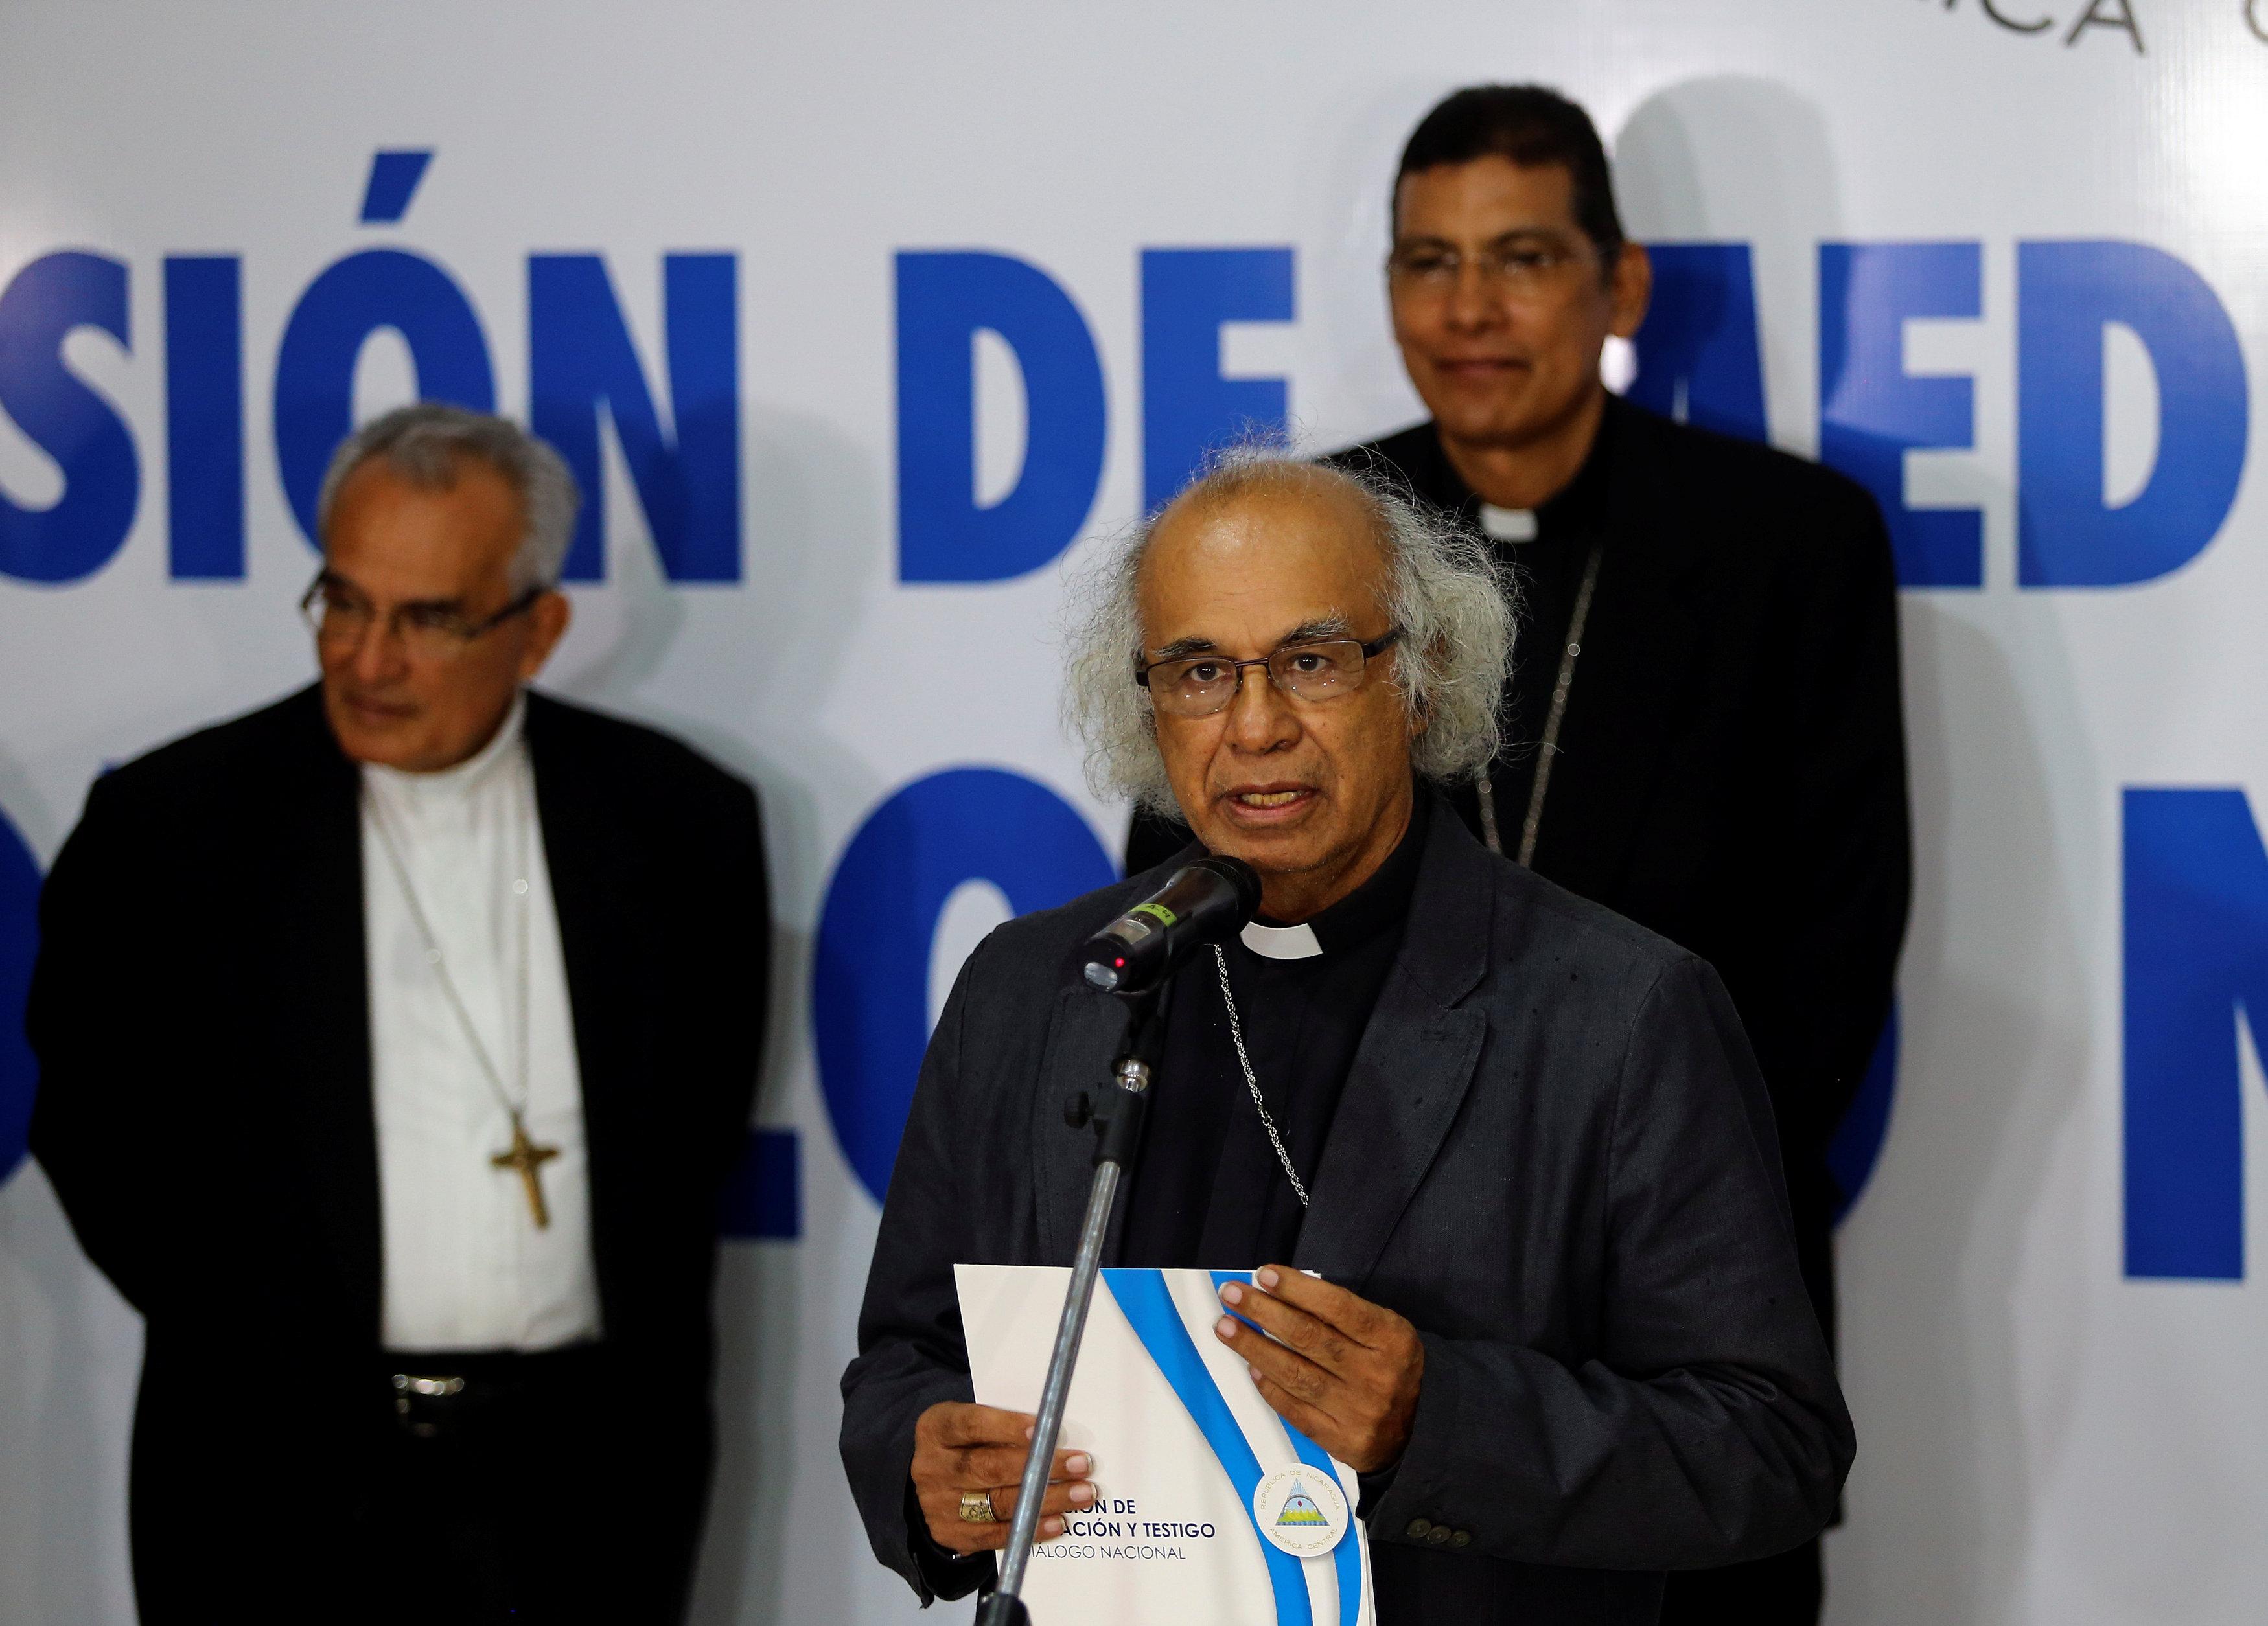 El cardenal Leopoldo Brenes durante la conferencia de prensa tras el encuentro con Daniel Ortega (REUTERS/Oswaldo Rivas)